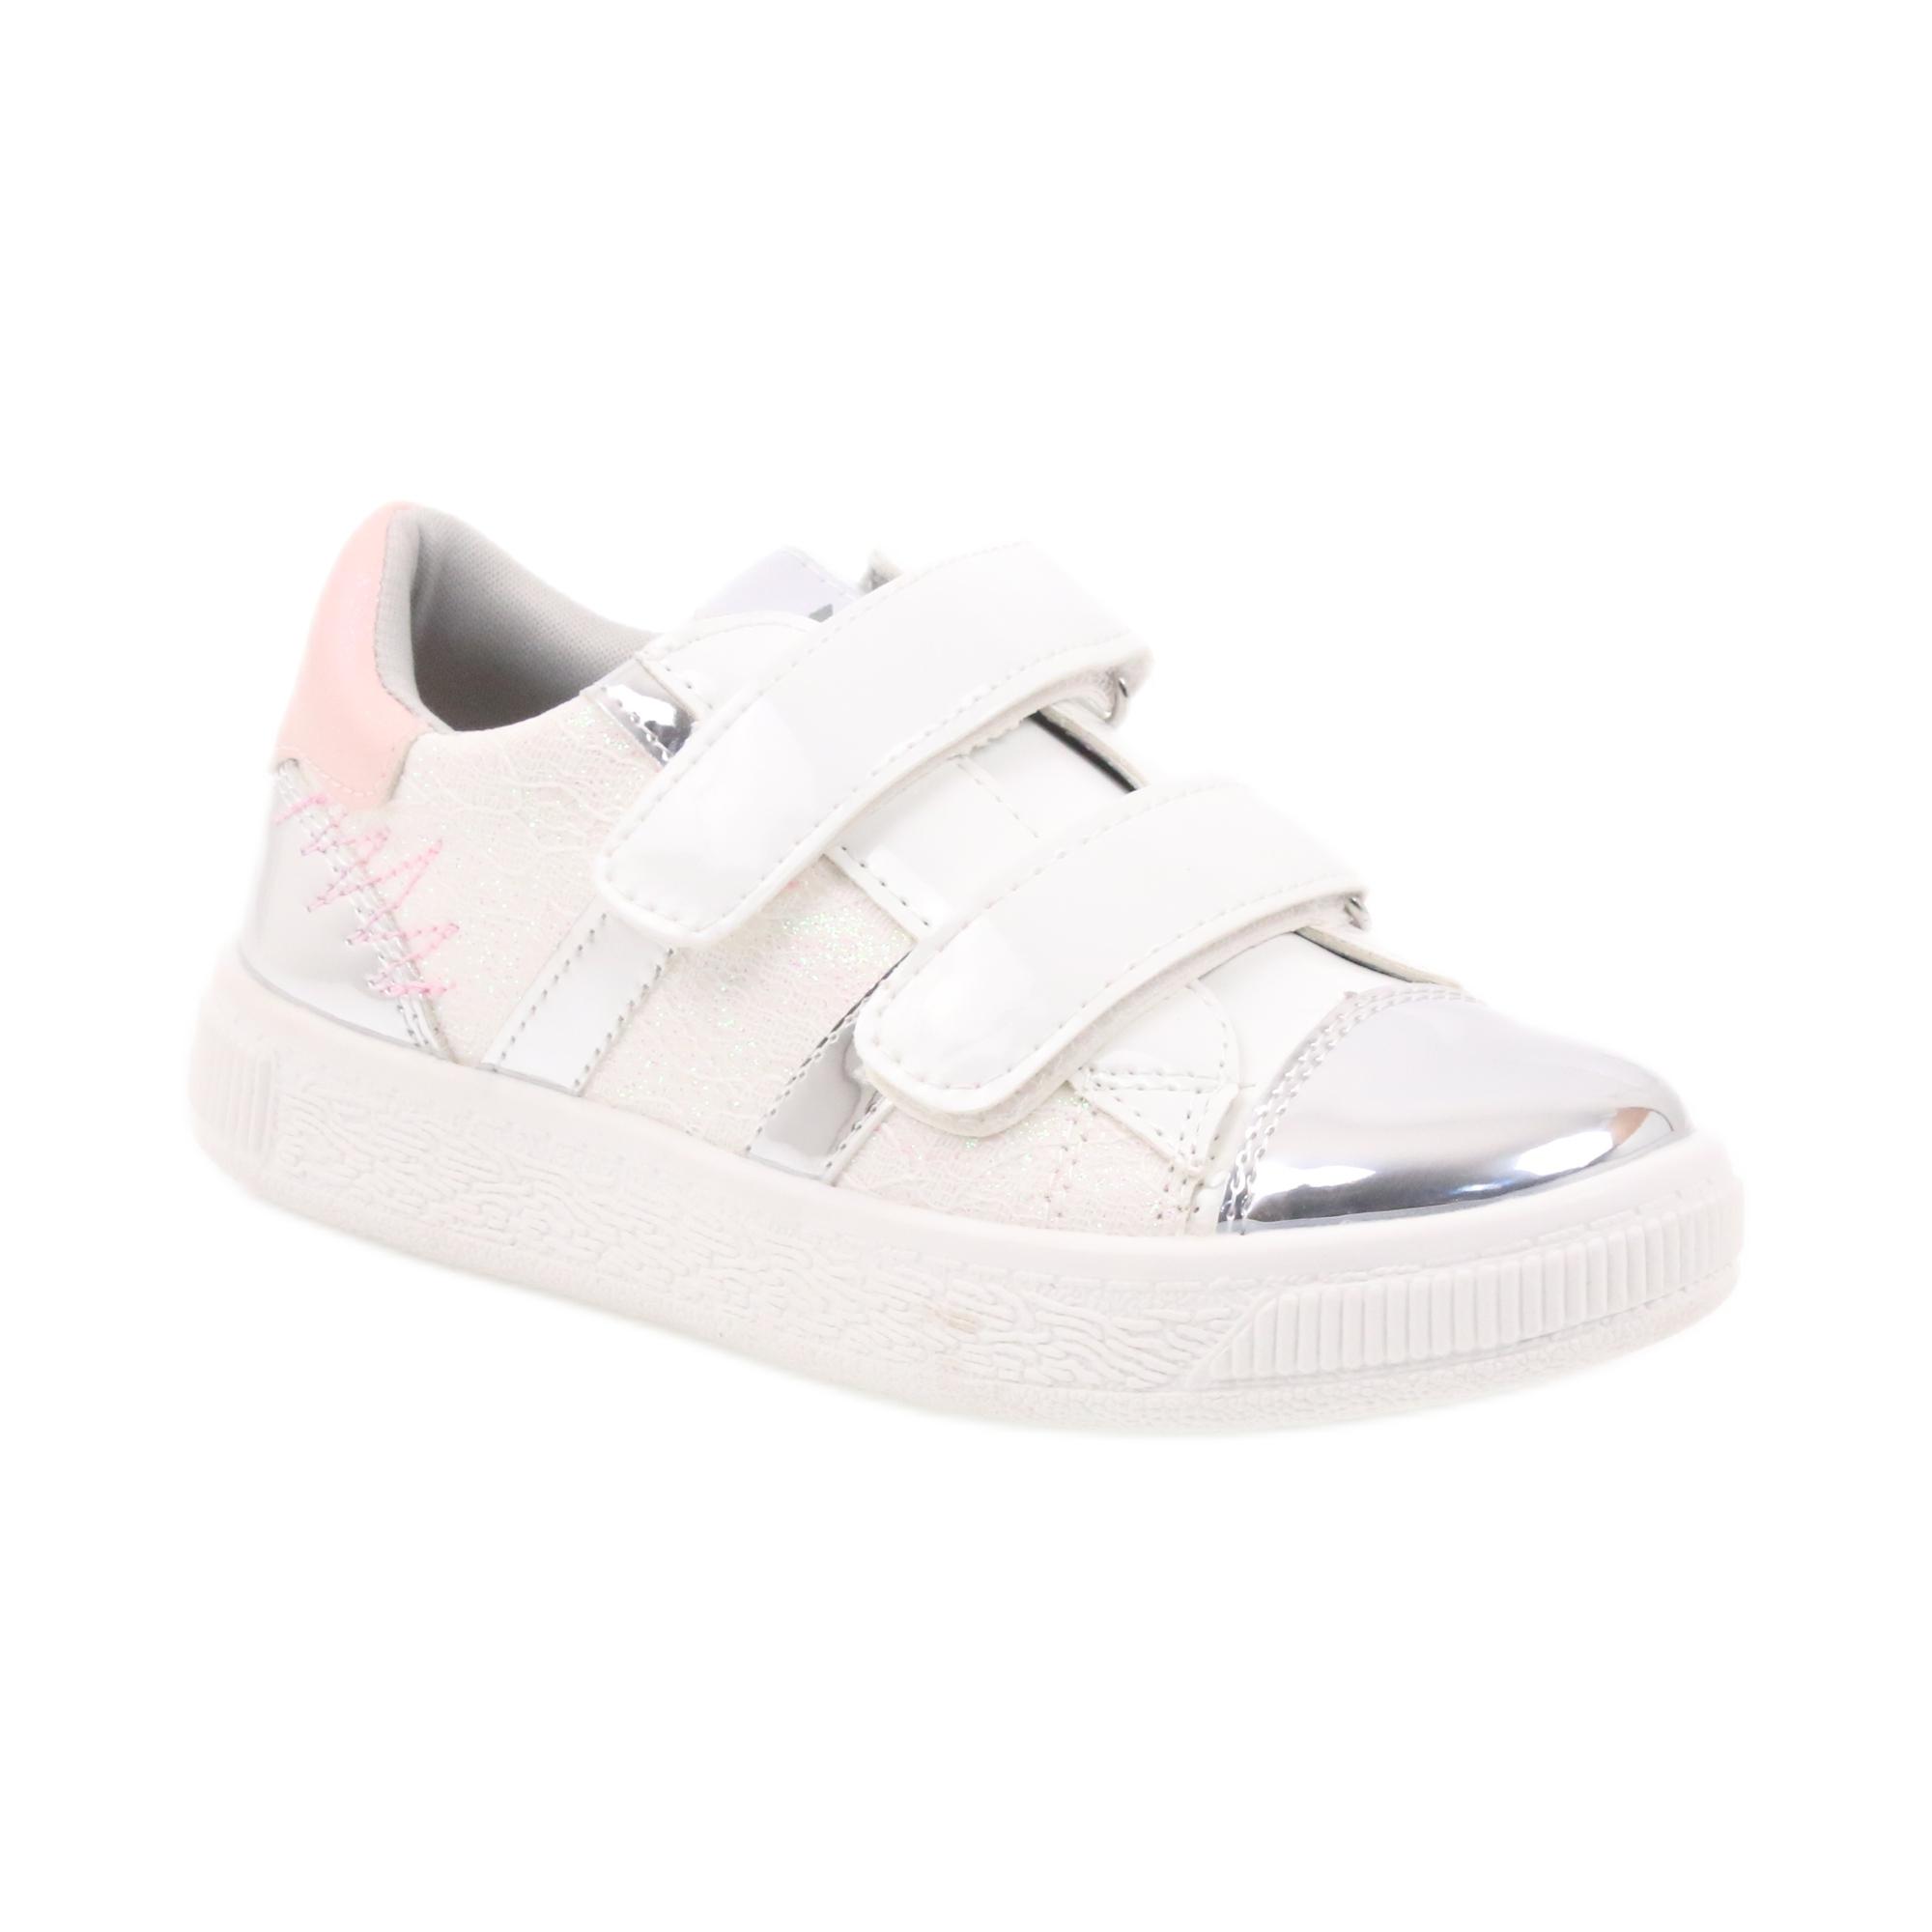 scarpe da ginnastica anni 00